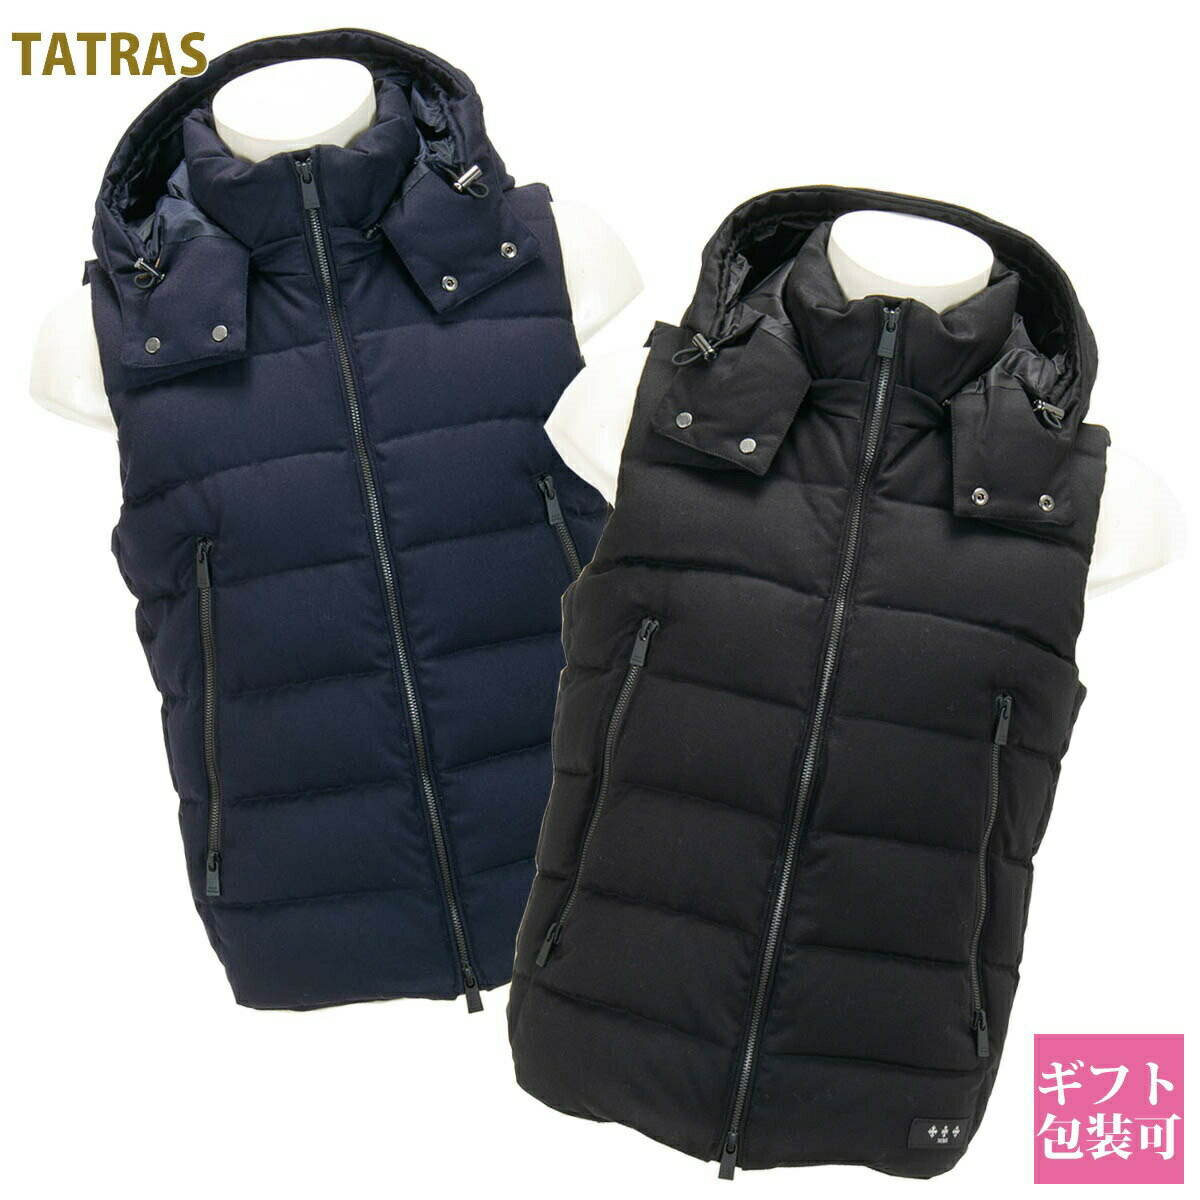 メンズファッション, コート・ジャケット  SOVER MTAT20A4373-D 2021 2021 tatras